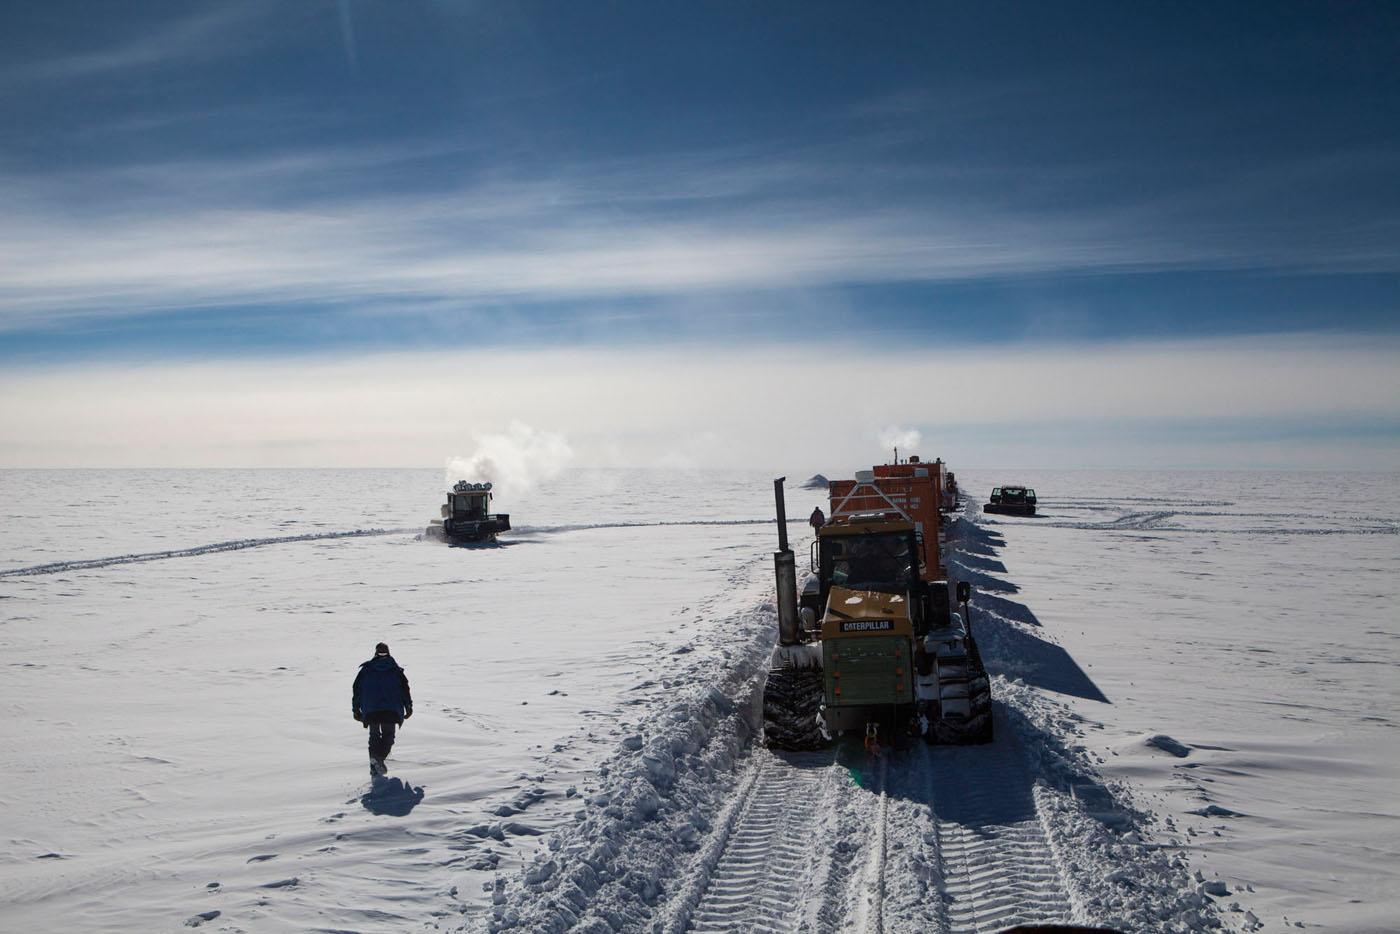 Le chef de Raid remonte le convoi lors de la pause du midi sur le raid de ravitaillement de la station Franco-Italienne Concordia. Antarctique, 02/02/2013